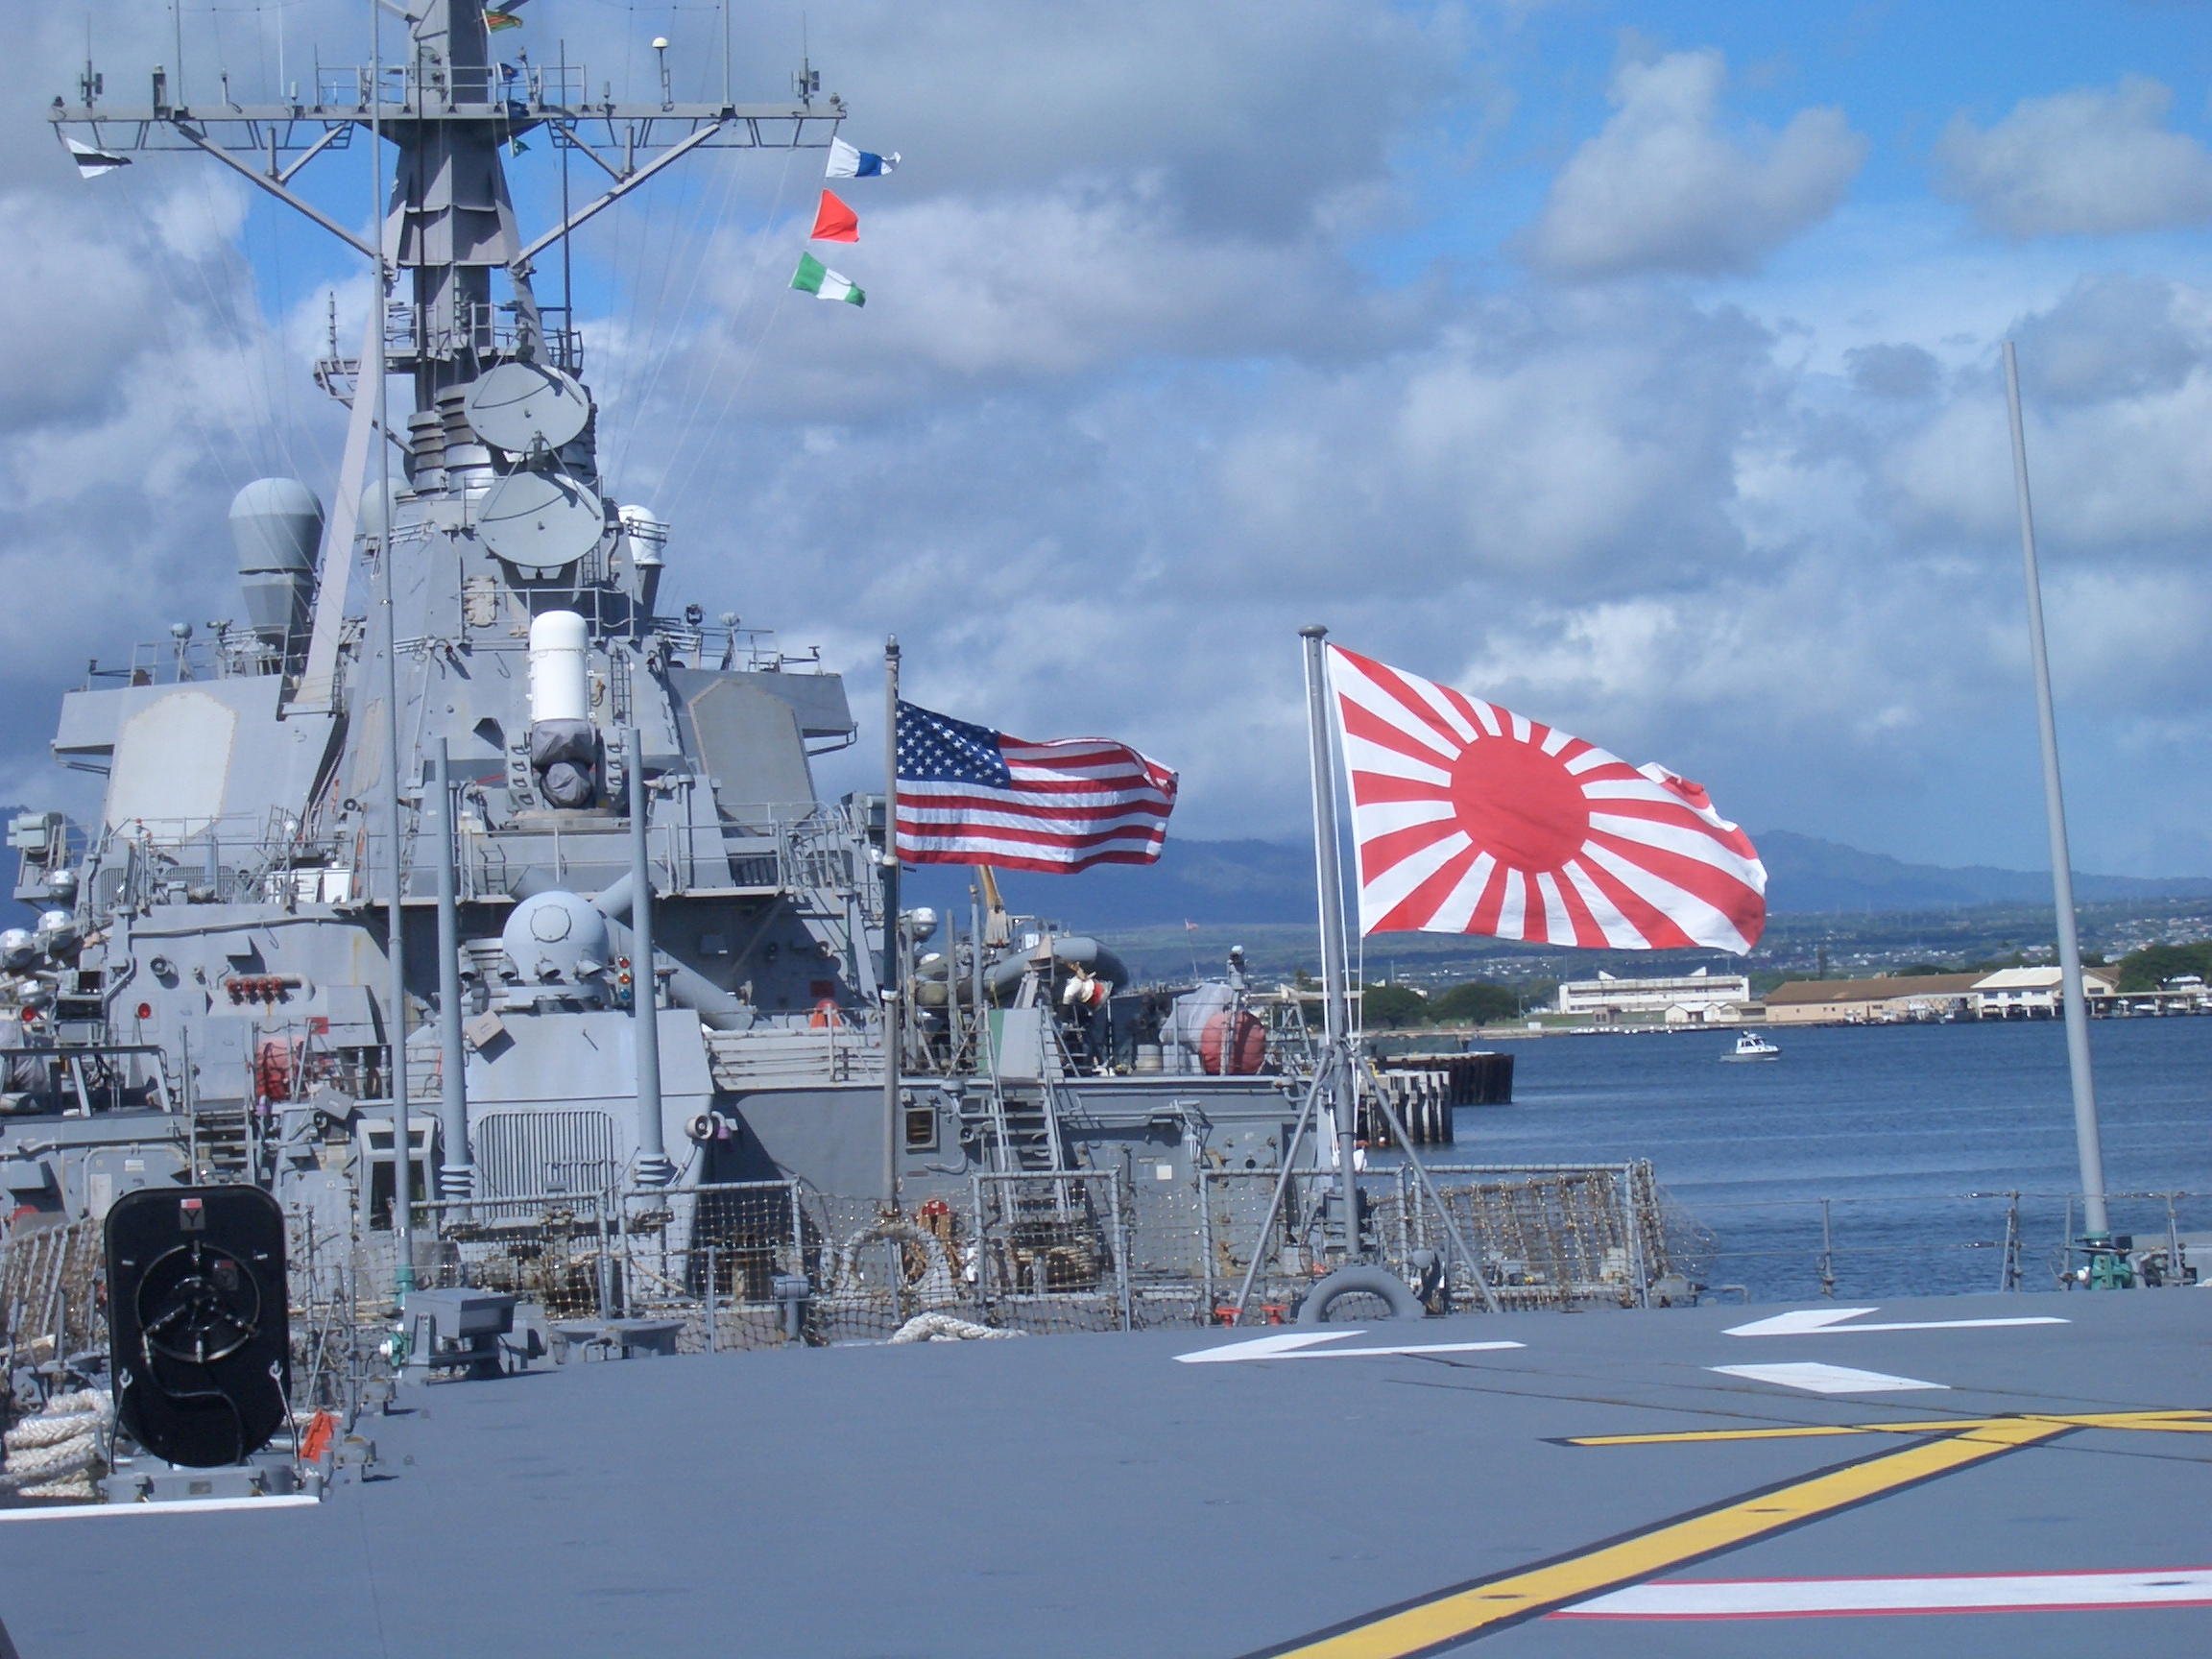 国際法でも認められた国籍を示すための自衛艦旗(軍艦旗)